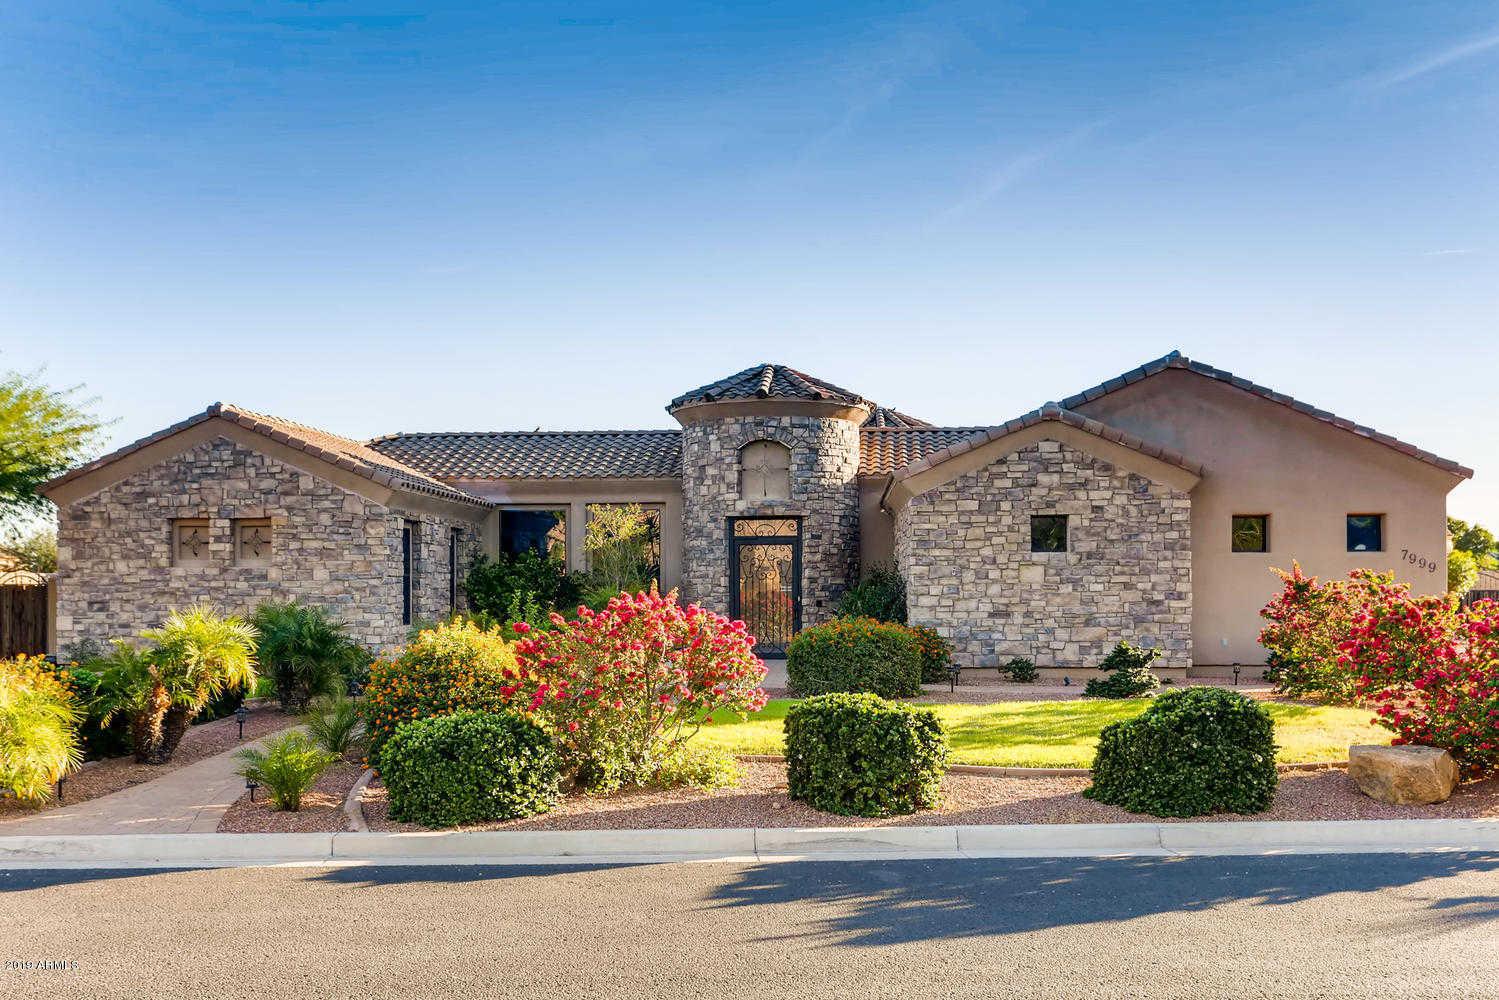 $1,370,000 - 5Br/5Ba - Home for Sale in Casa De Sunrise, Peoria